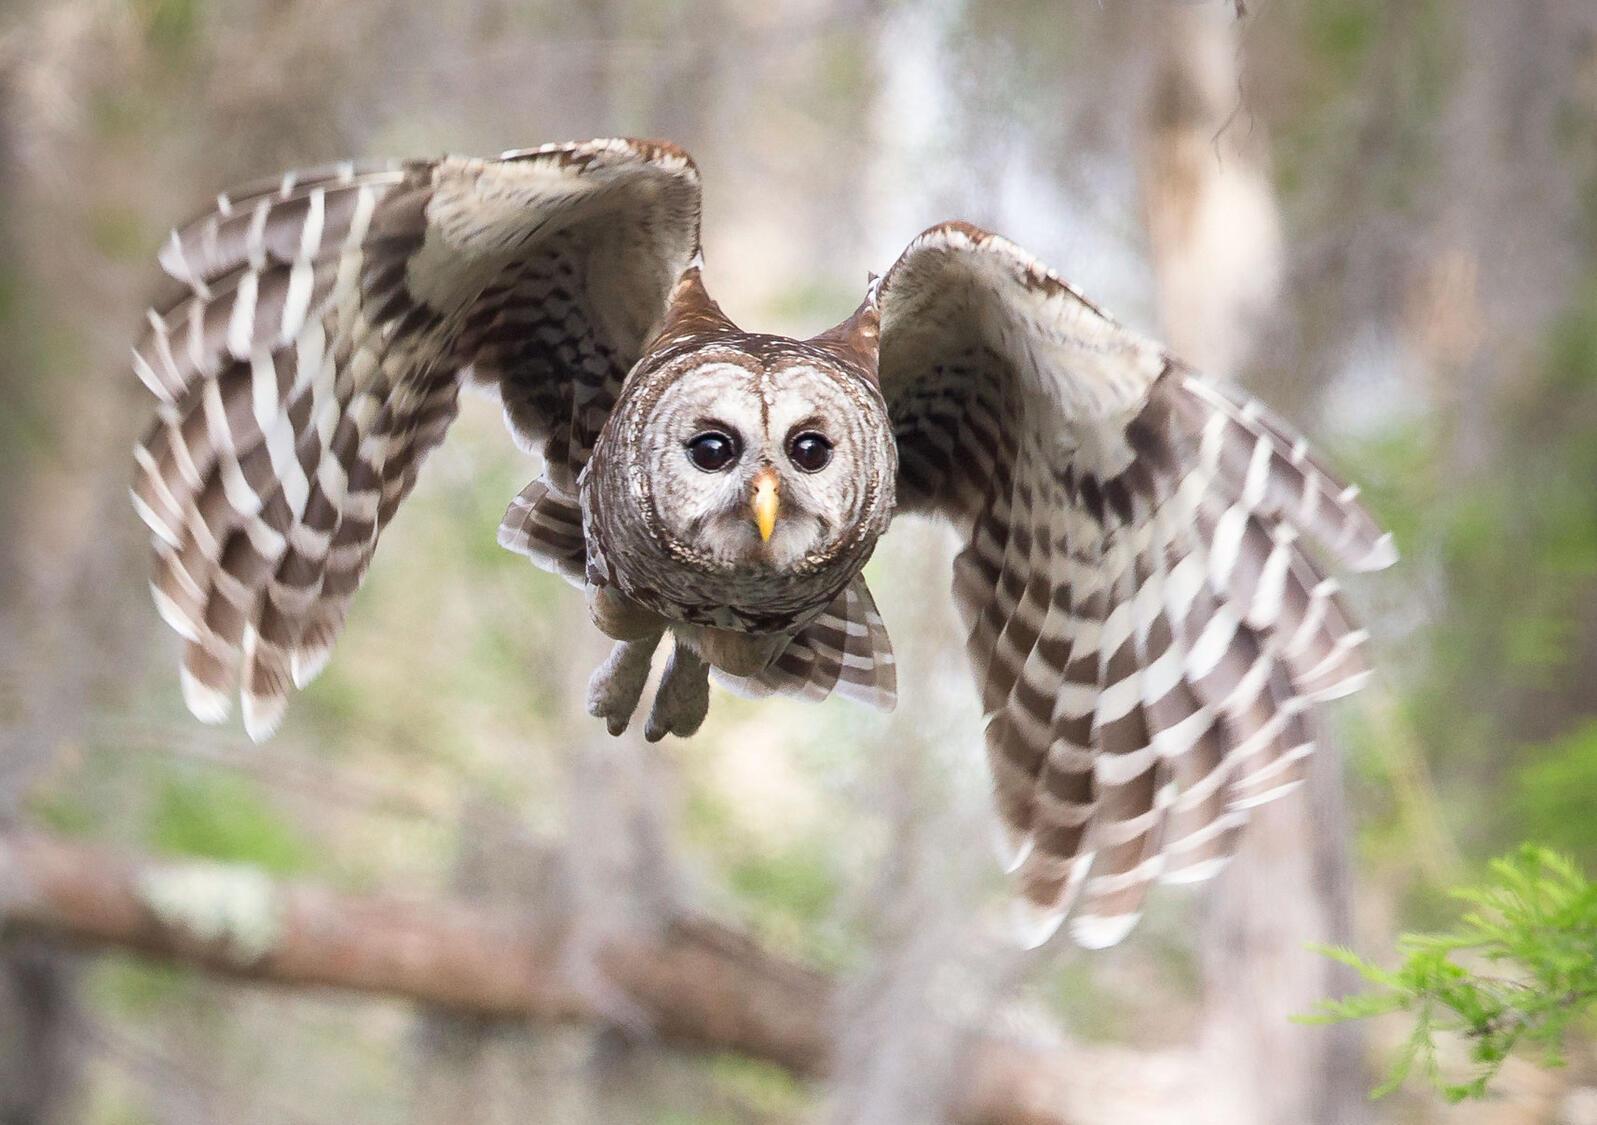 Barred Owl. Sandra Rothenberg/Audubon Photography Awards